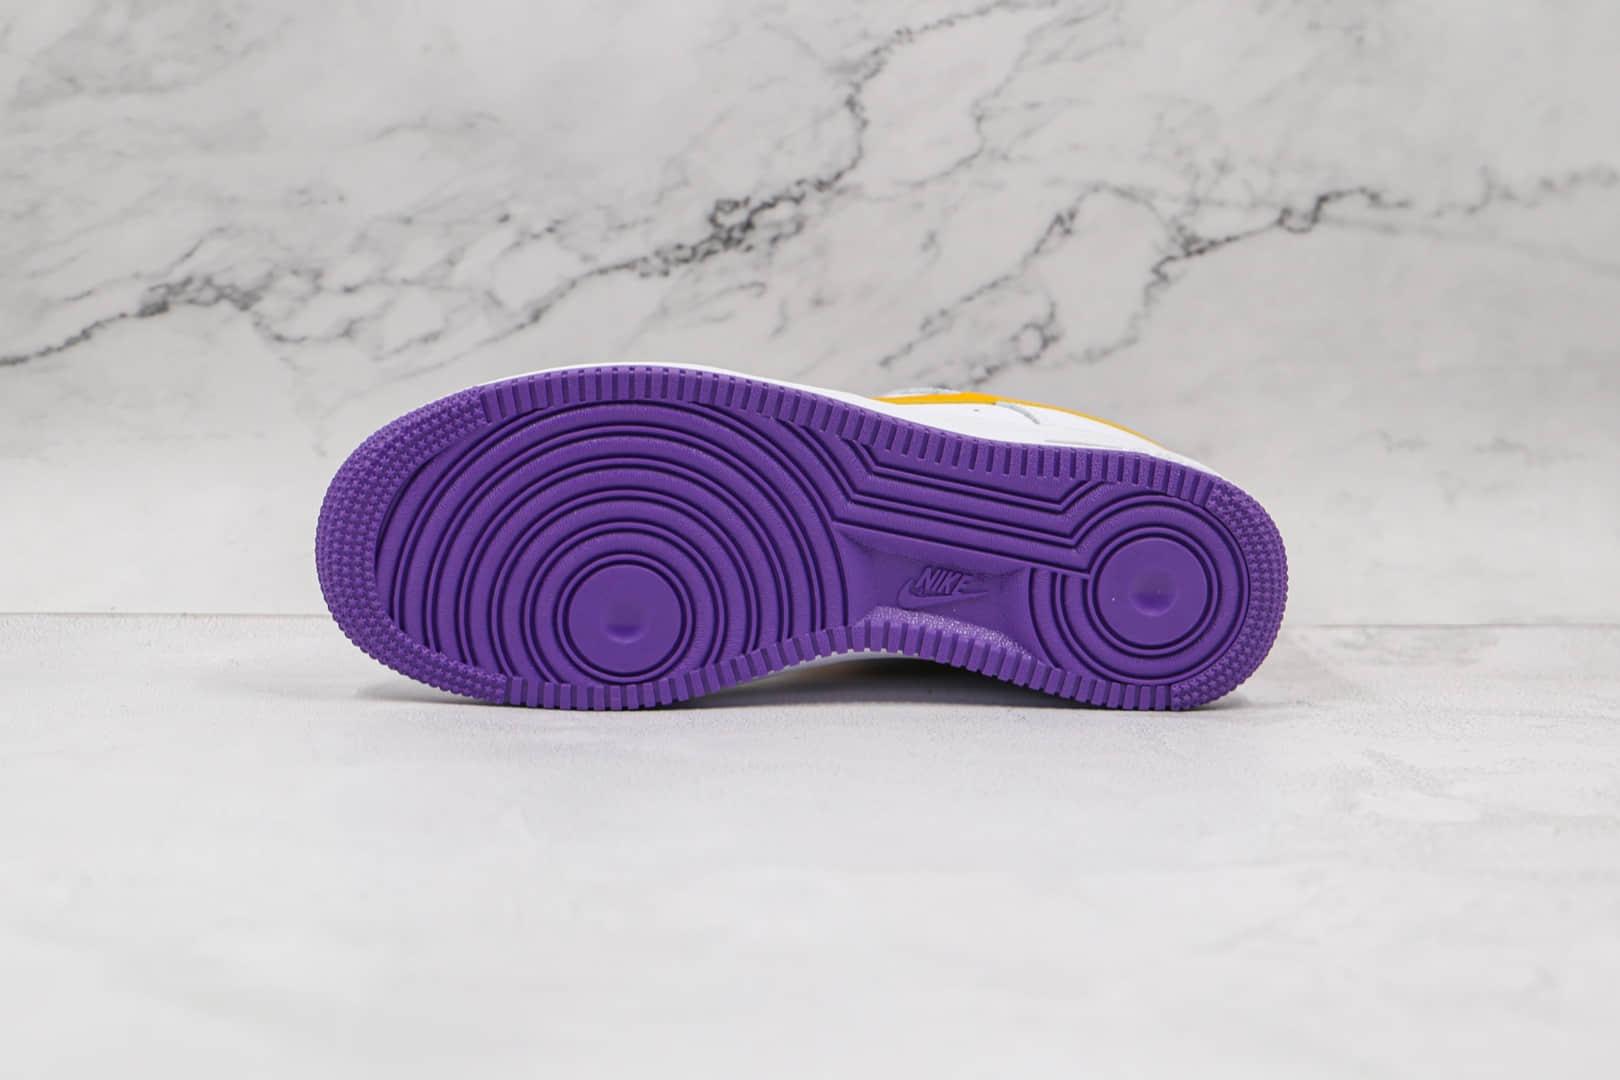 耐克Nike AIR FMRCE 1纯原版本低帮空军一号23数字白黄湖人詹姆斯款板鞋原楦头纸板打造 货号:315122-113